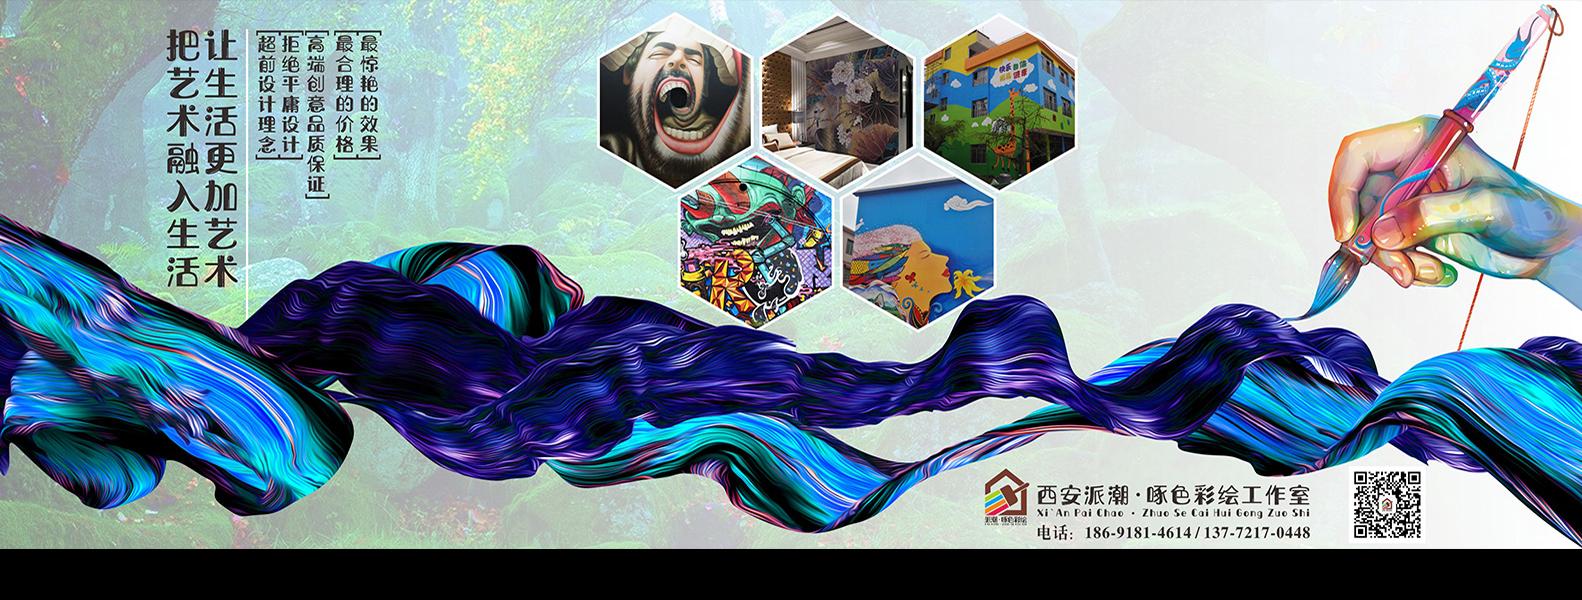 你知道西安墙体彩绘包括哪些内容吗?